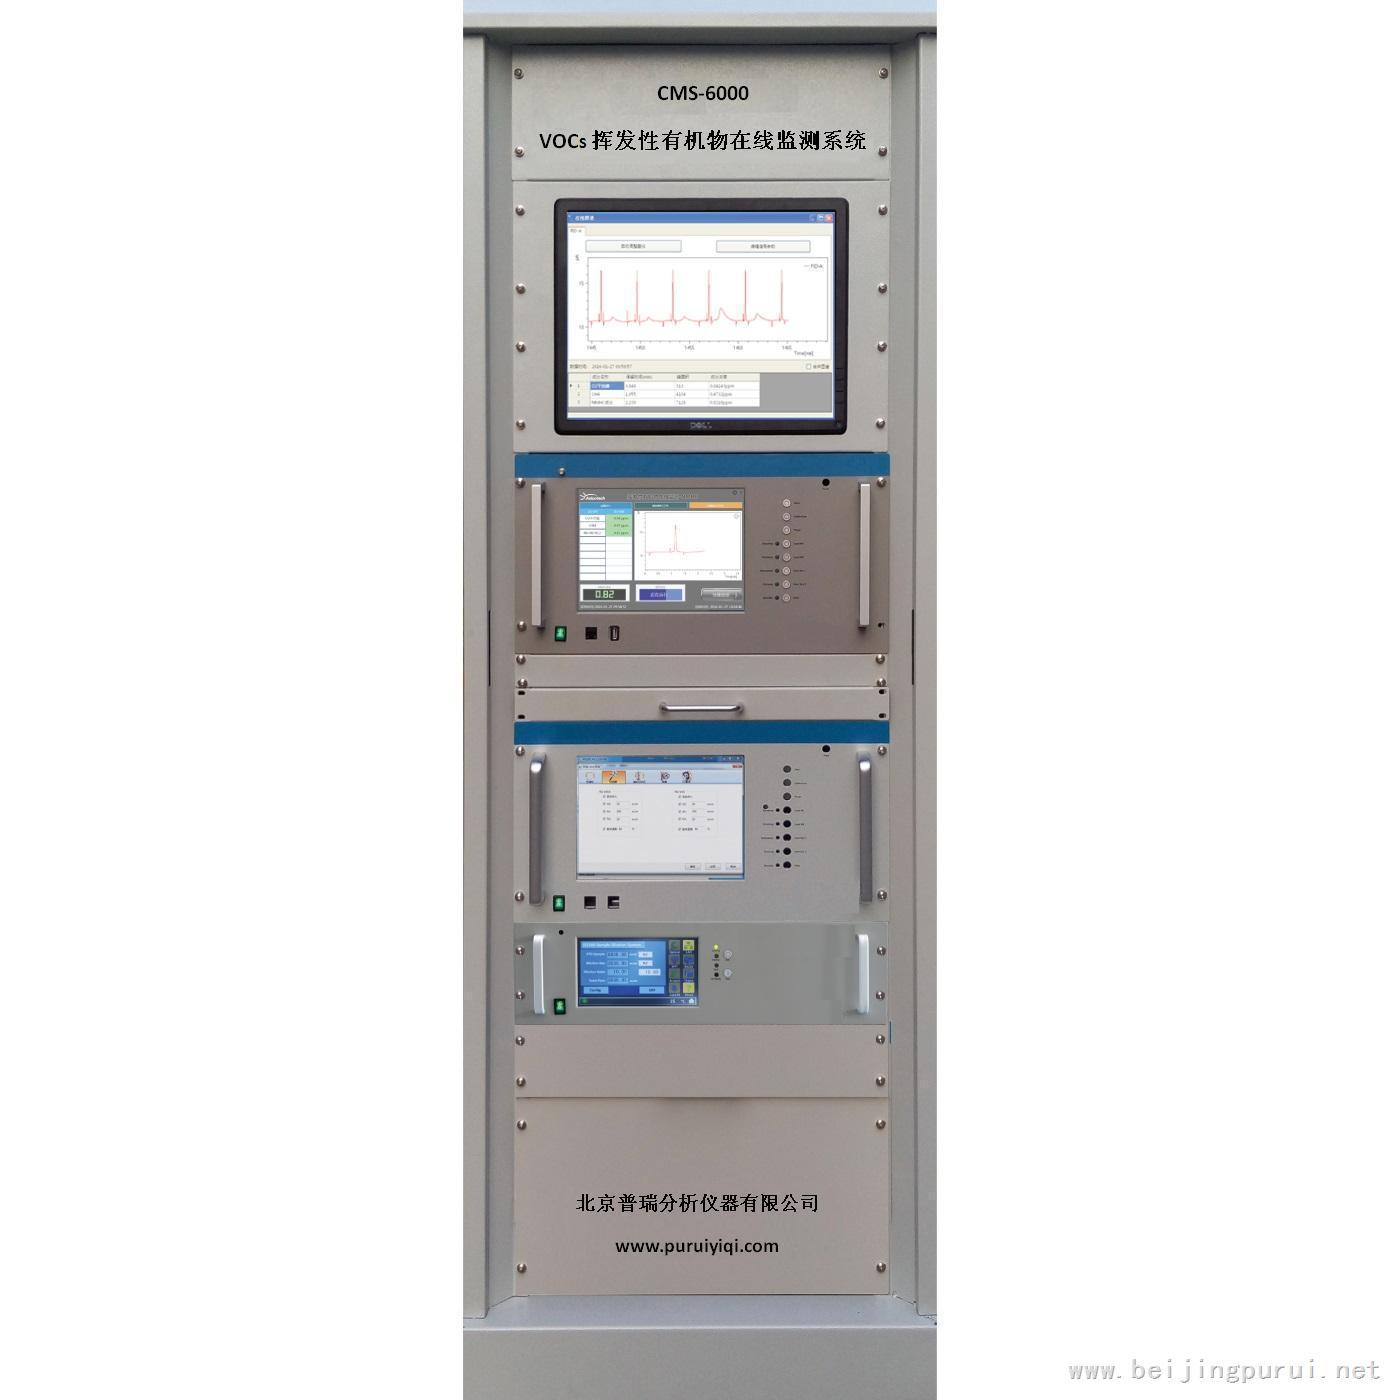 厂界/固定污染源VOCs挥发性有机物在线监测系统